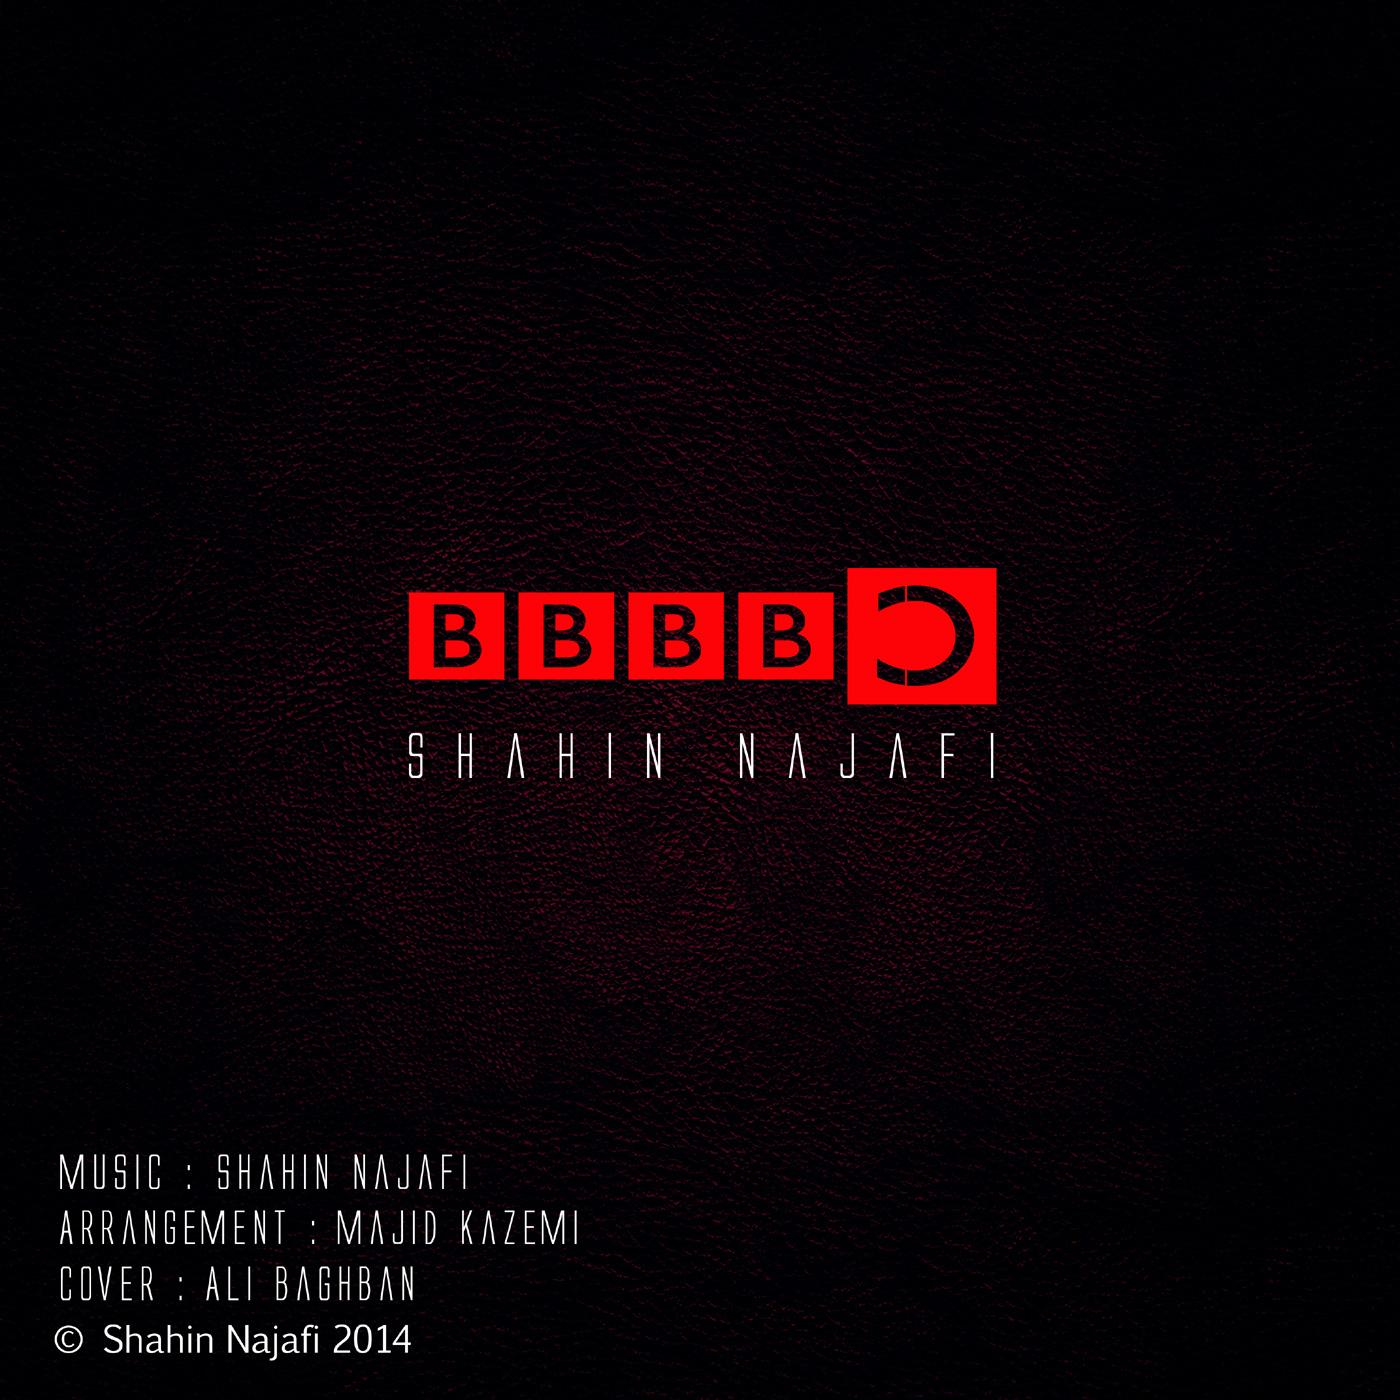 BBBBC - Shahin Najafi